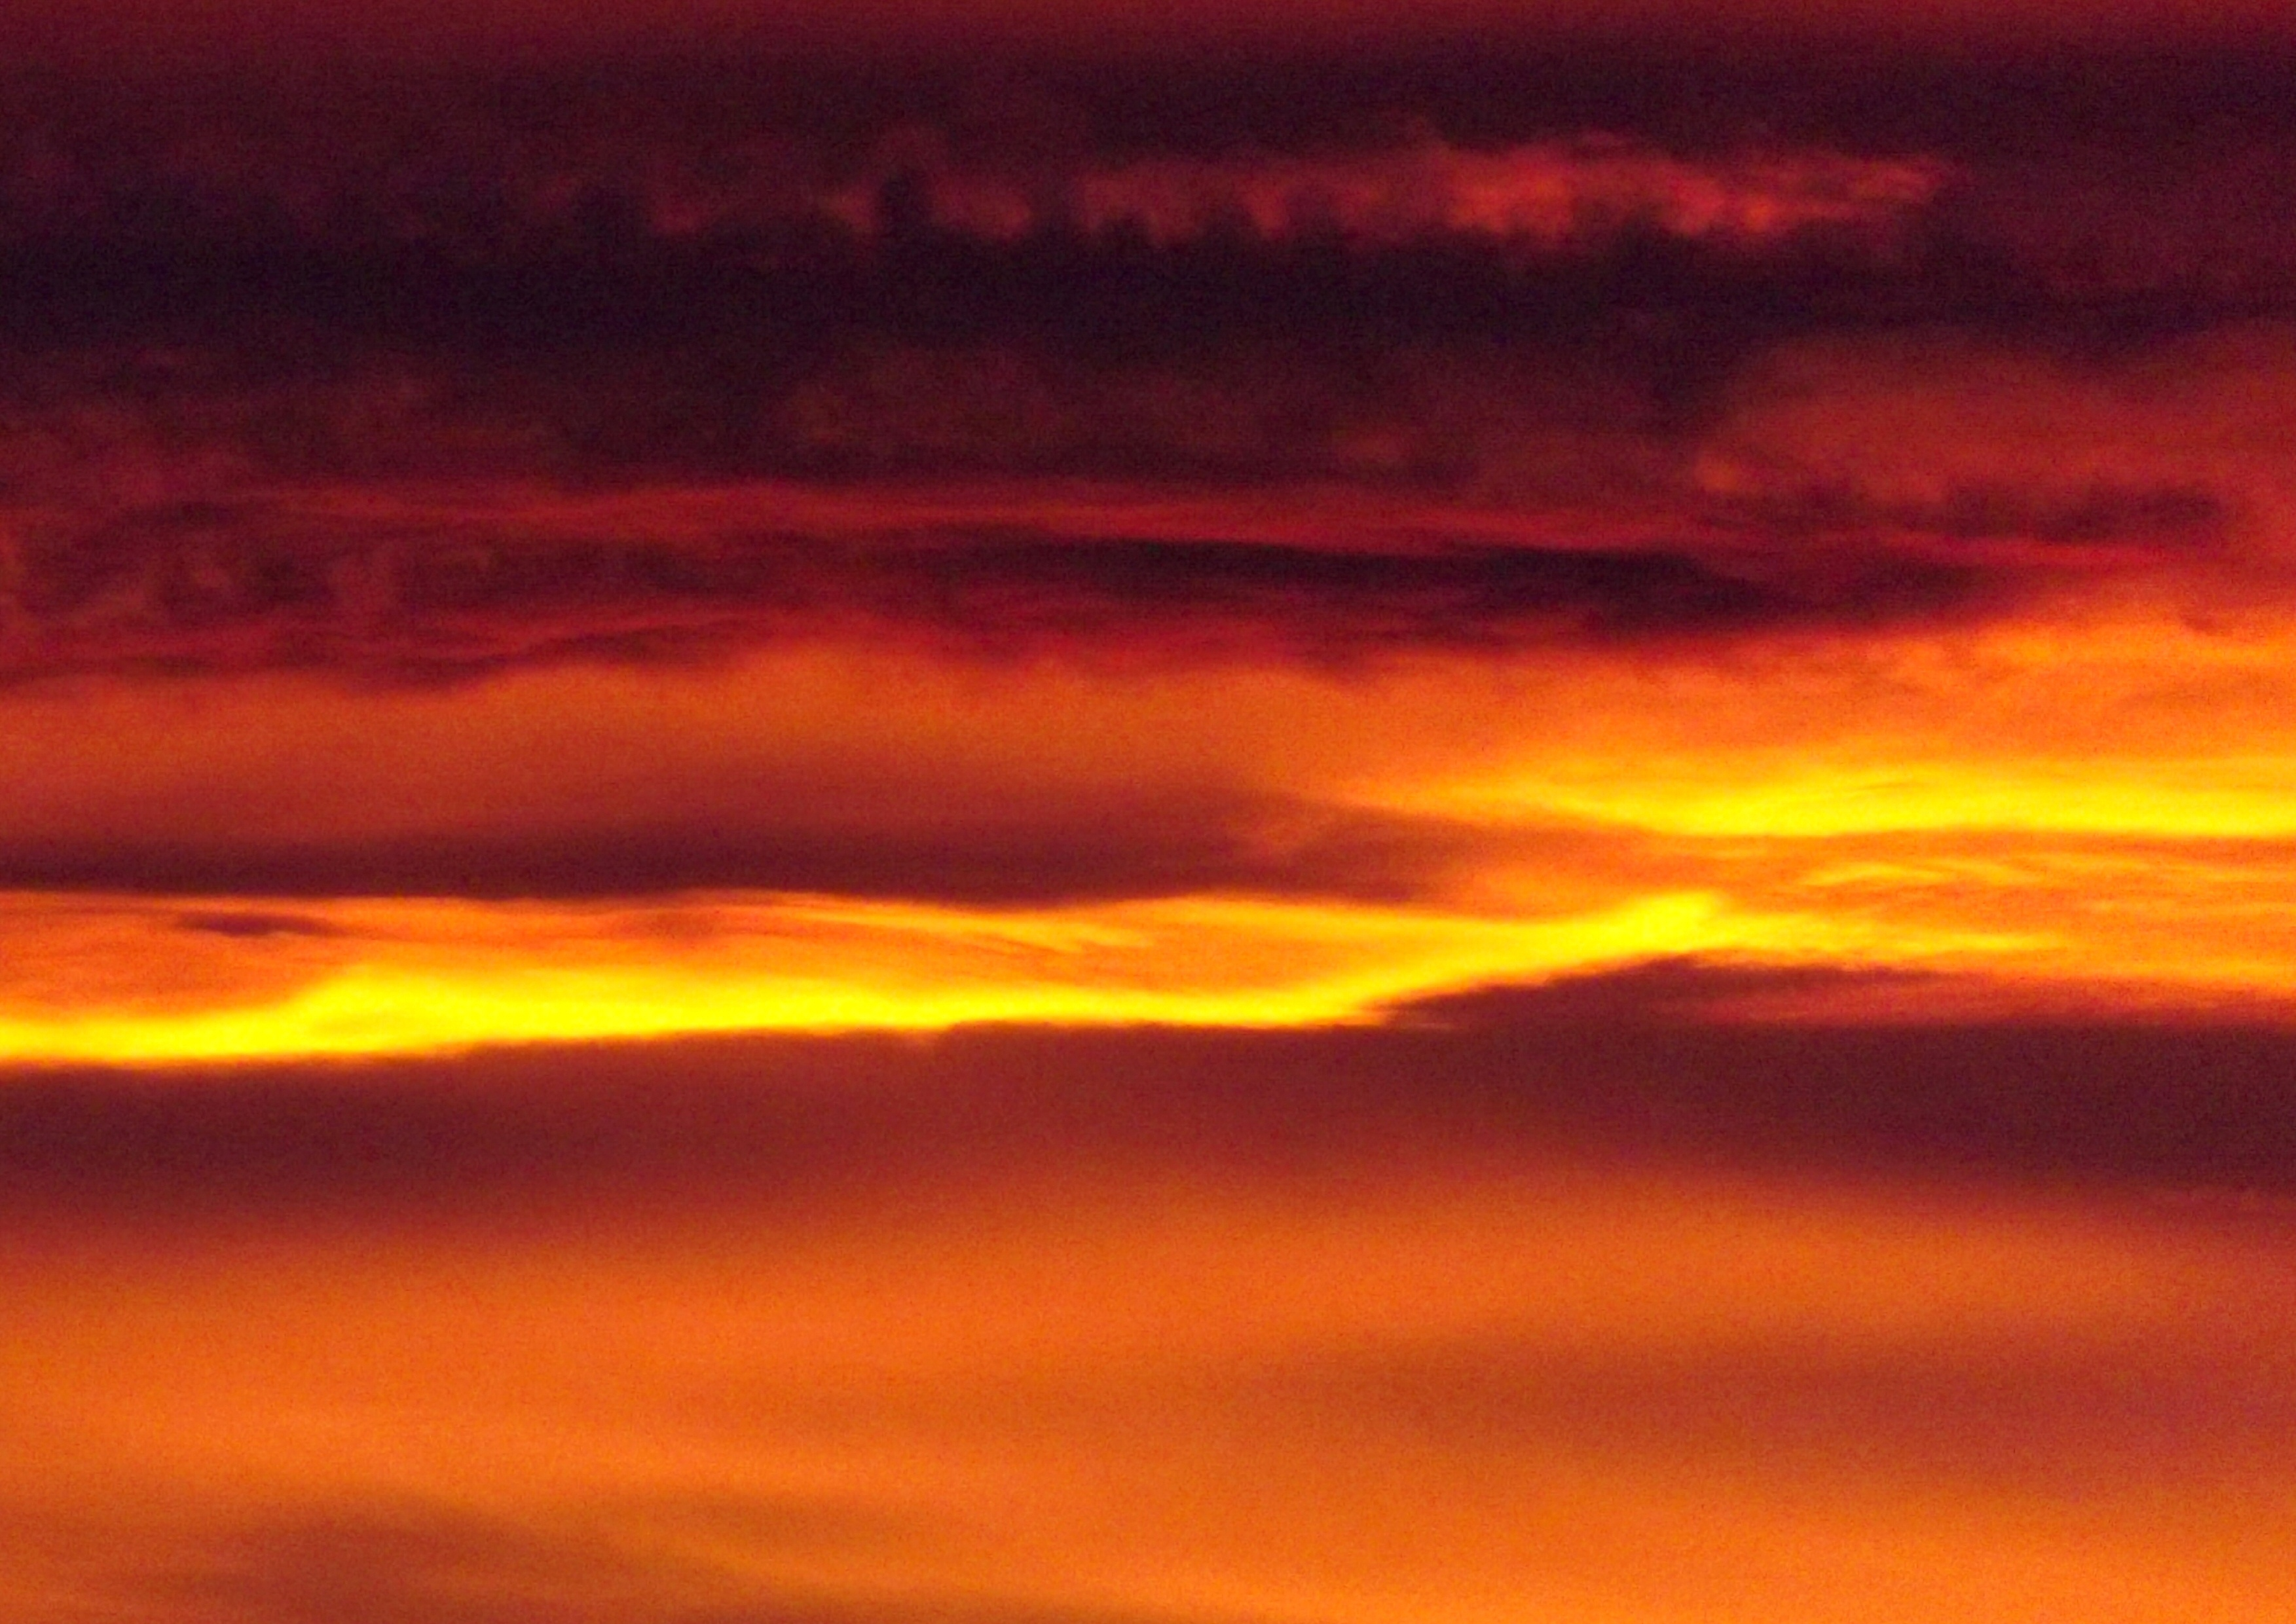 sunset_02_ls A4.